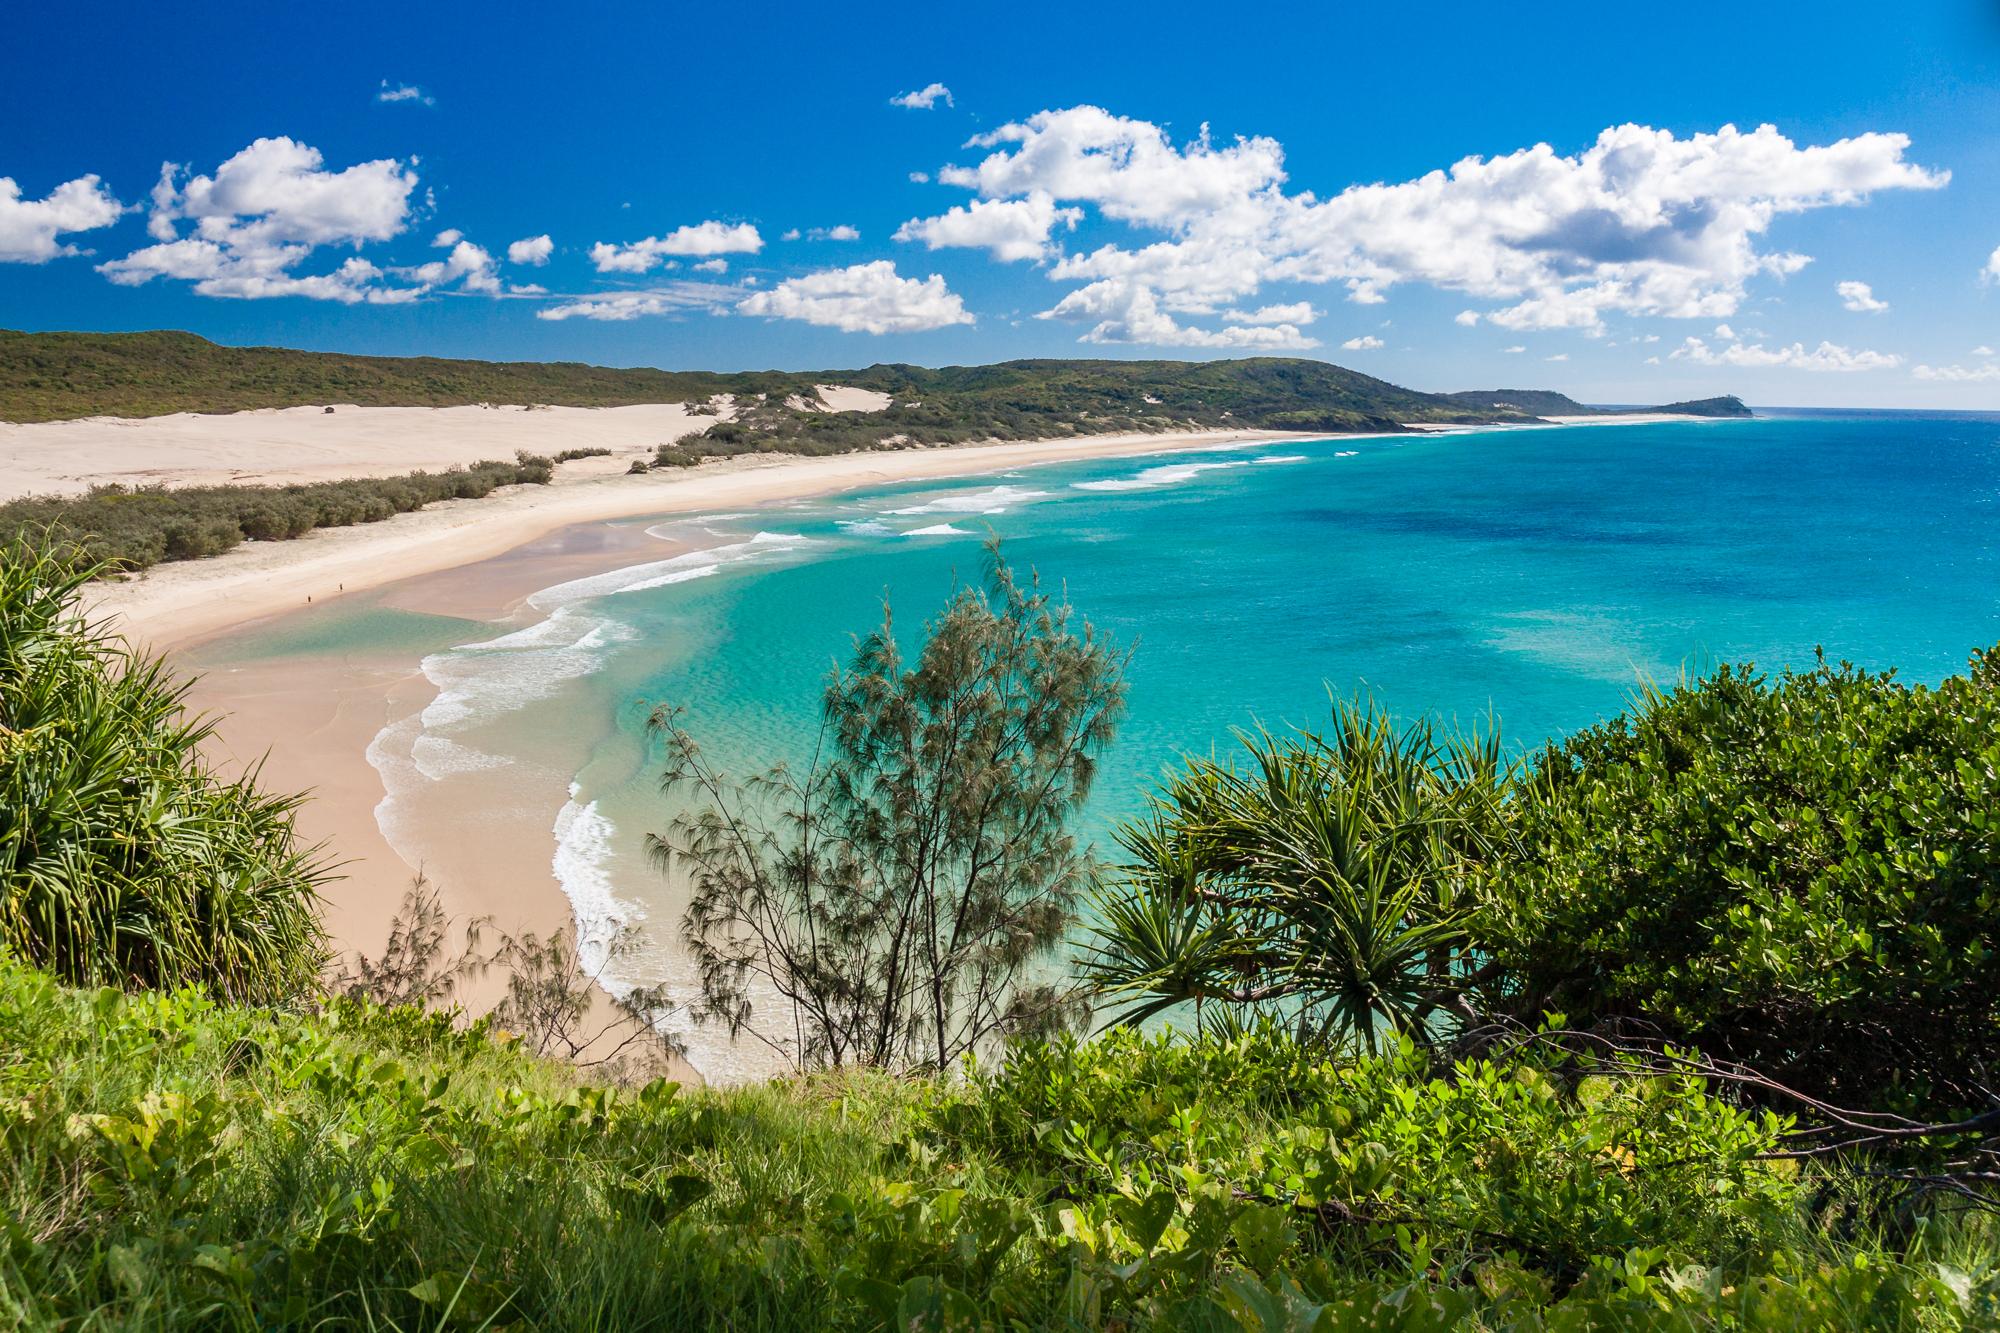 Fraser Island Australien Insel